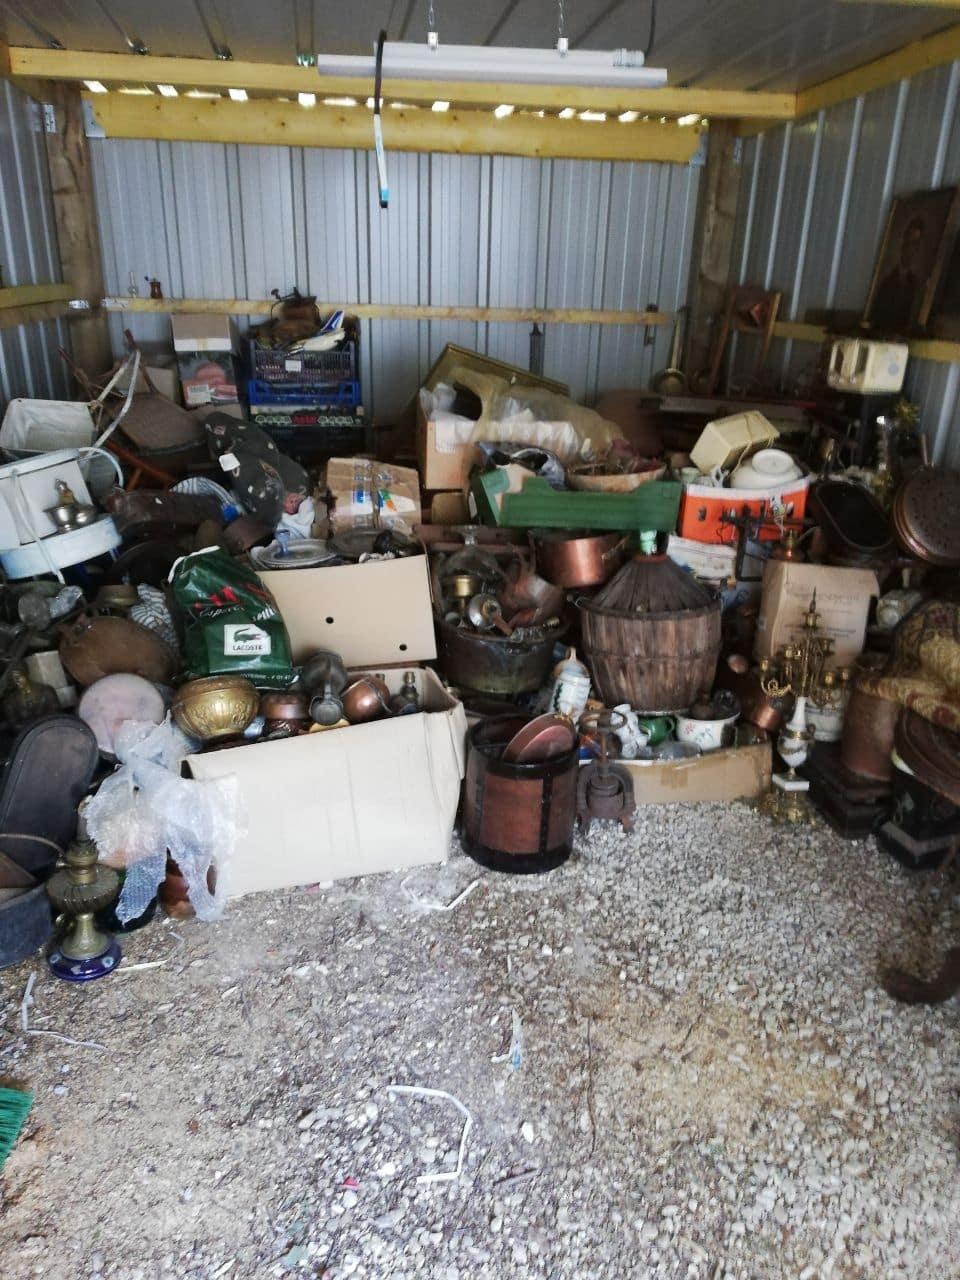 une cave encombrée de bibelots et objets